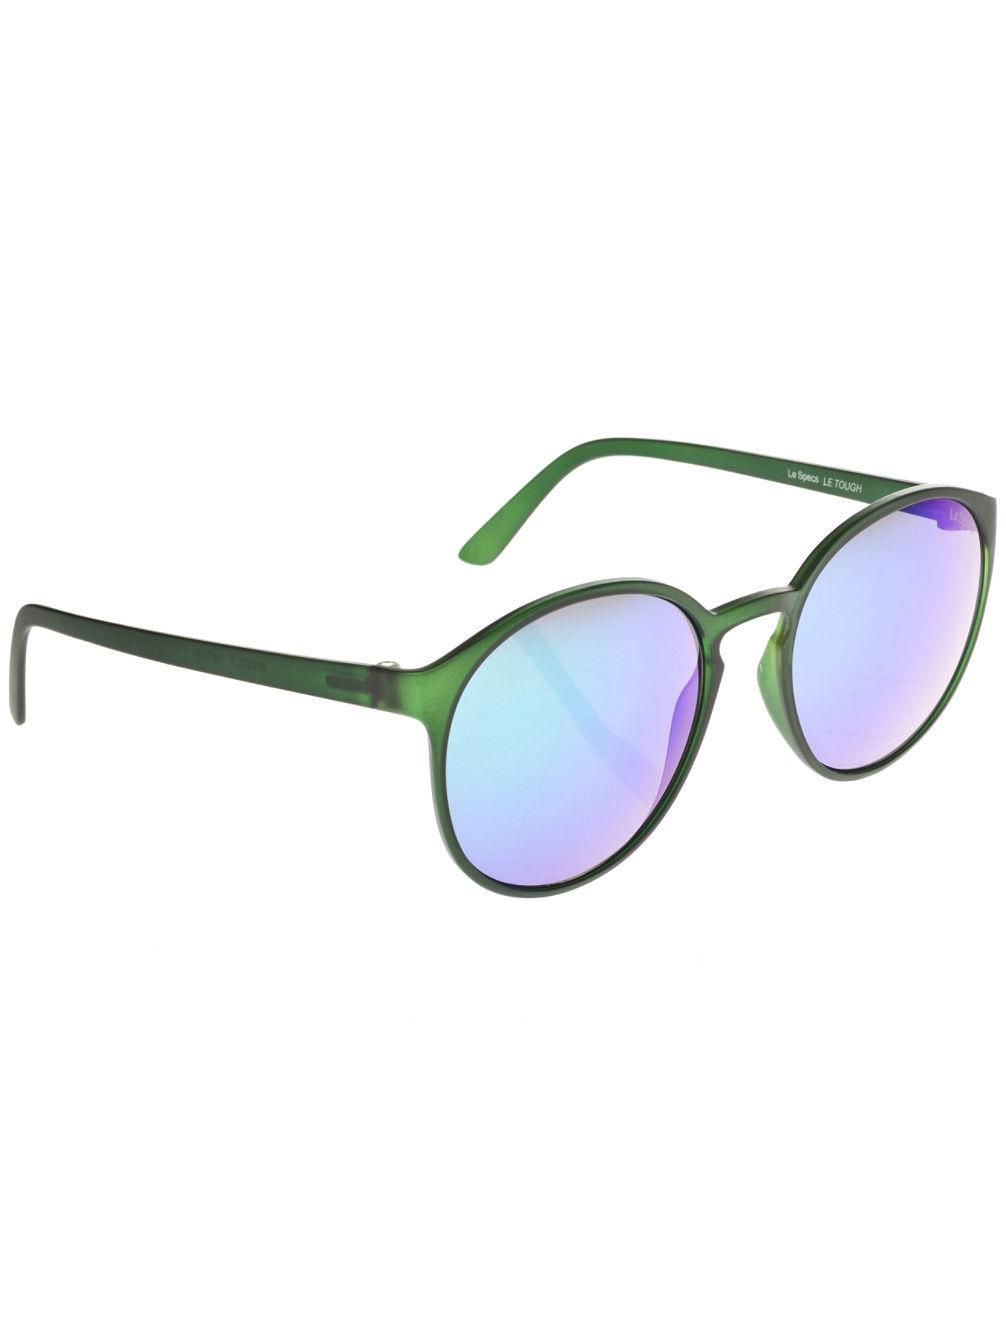 Köp Le Specs Swizzle Matte Khaki Solglasögon online på blue-tomato.com fe680e887f39c